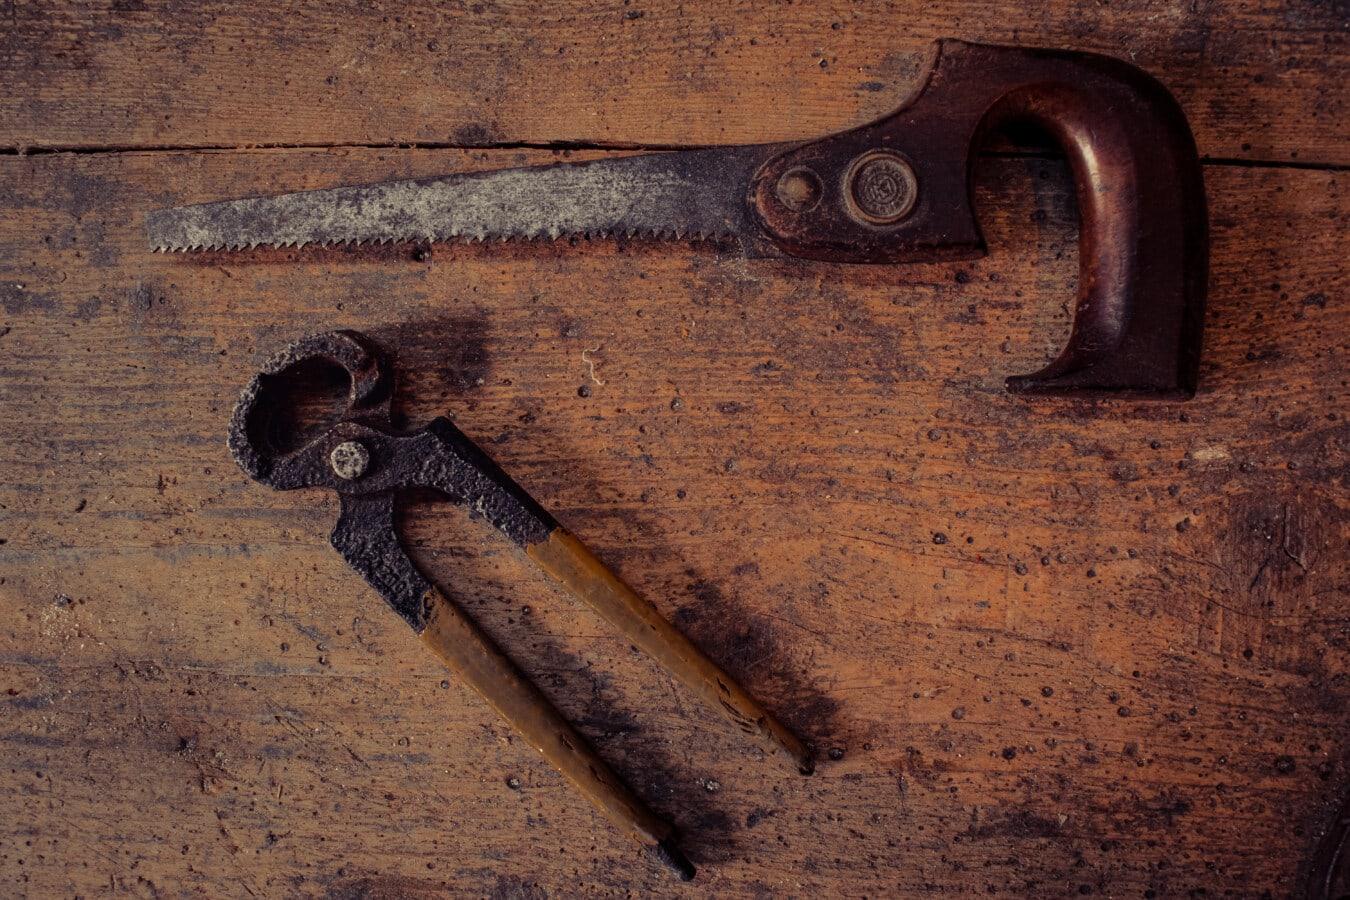 pliers, saw, tool, hand tool, vintage, workshop, repair shop, iron, wood, steel